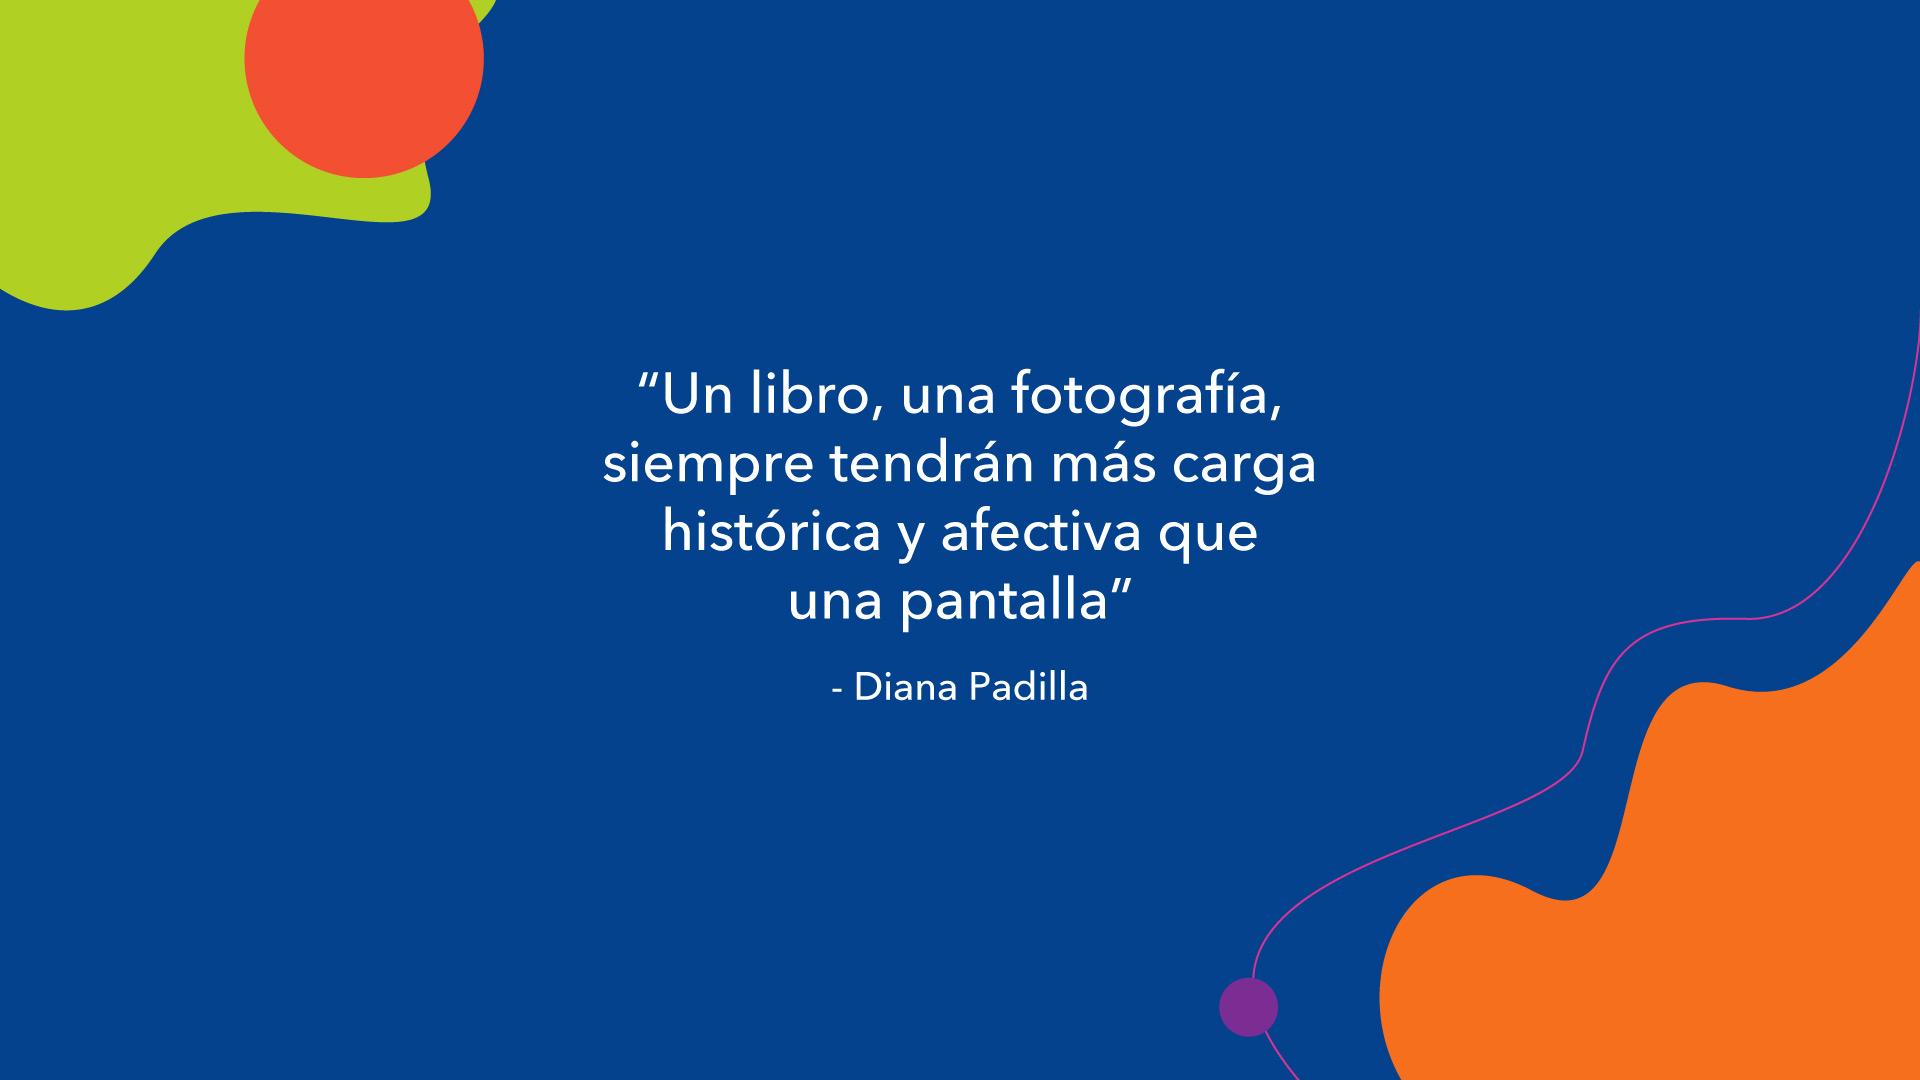 """Diana Padilla, entrevista KronalinE. """"Un libro, una fotografía, siempre tendrán más carga histórica y afectiva que una pantalla."""""""